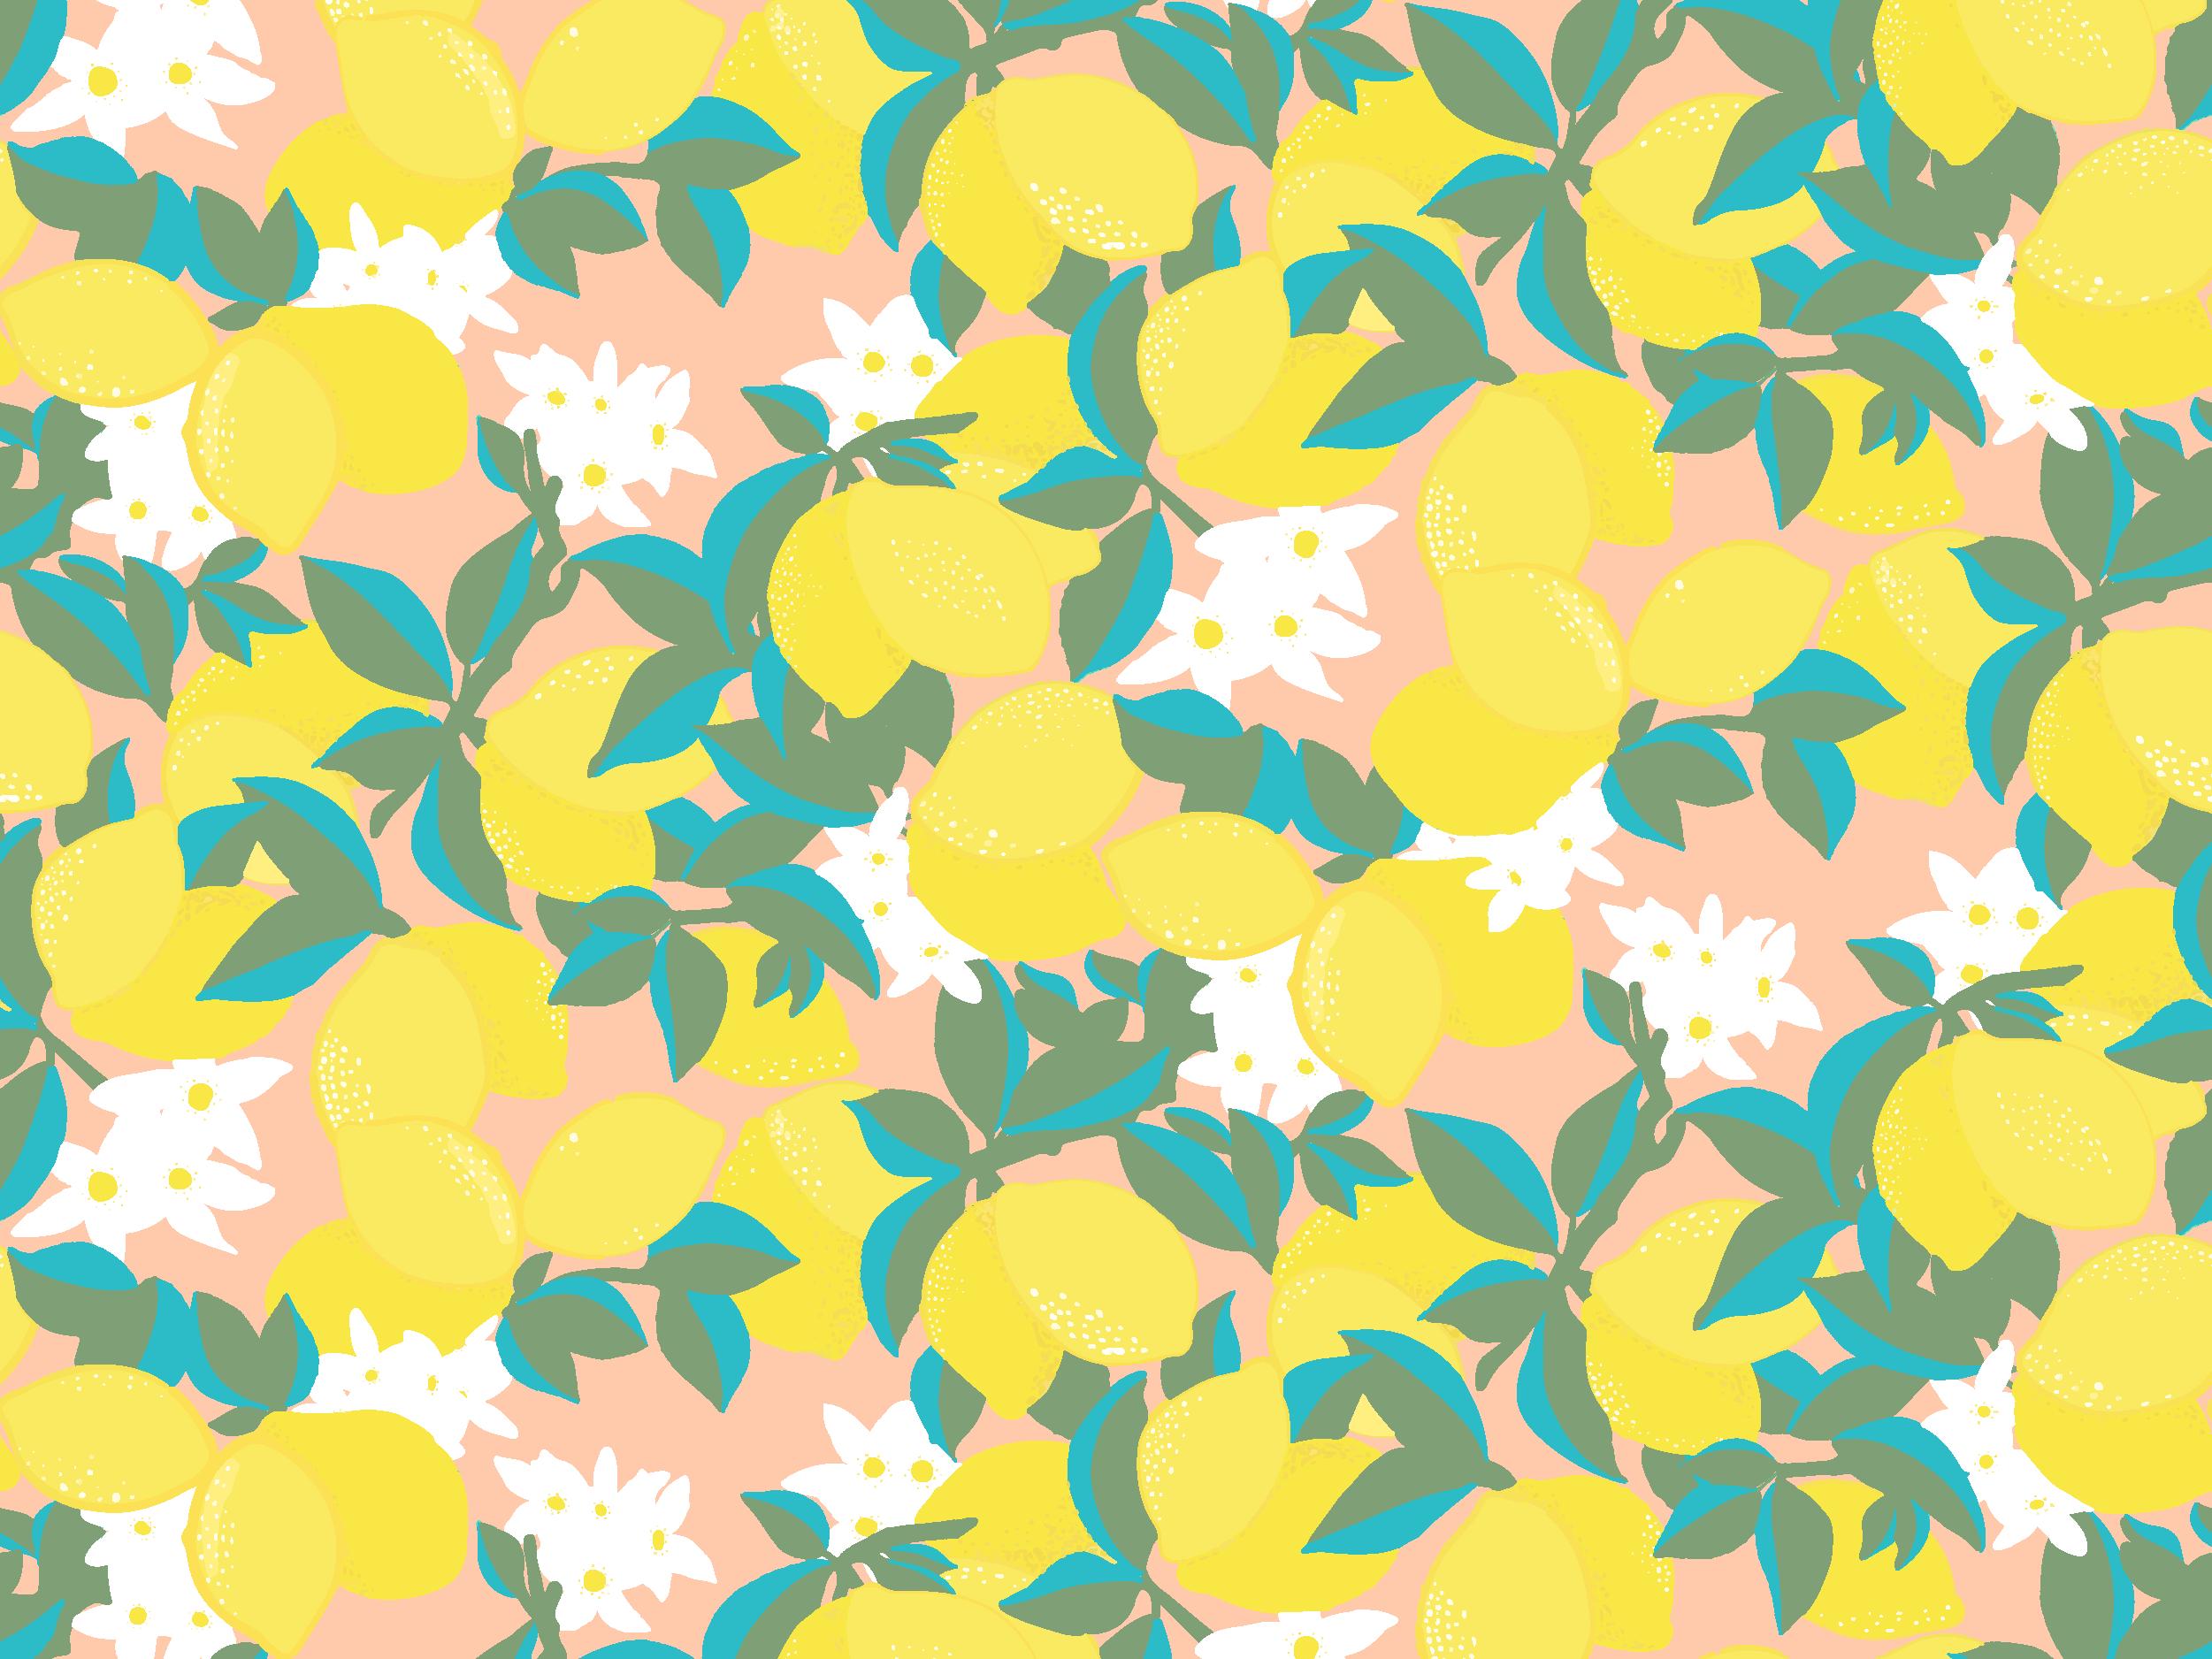 Lemon repeat pattern by Melanie Hodge on Dribbble